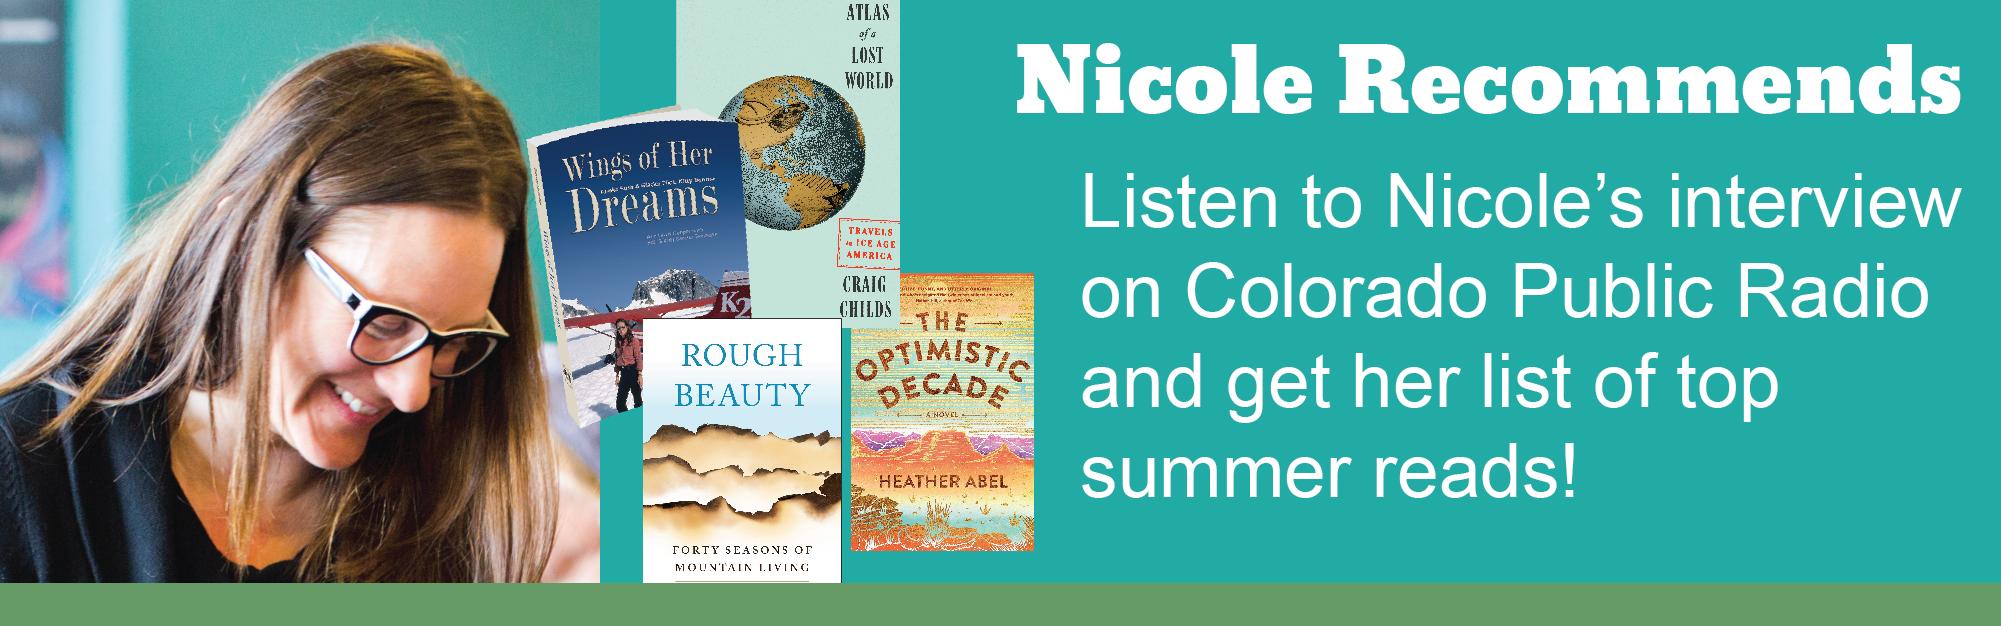 Listen to Nicole on Colorado Public Radio!